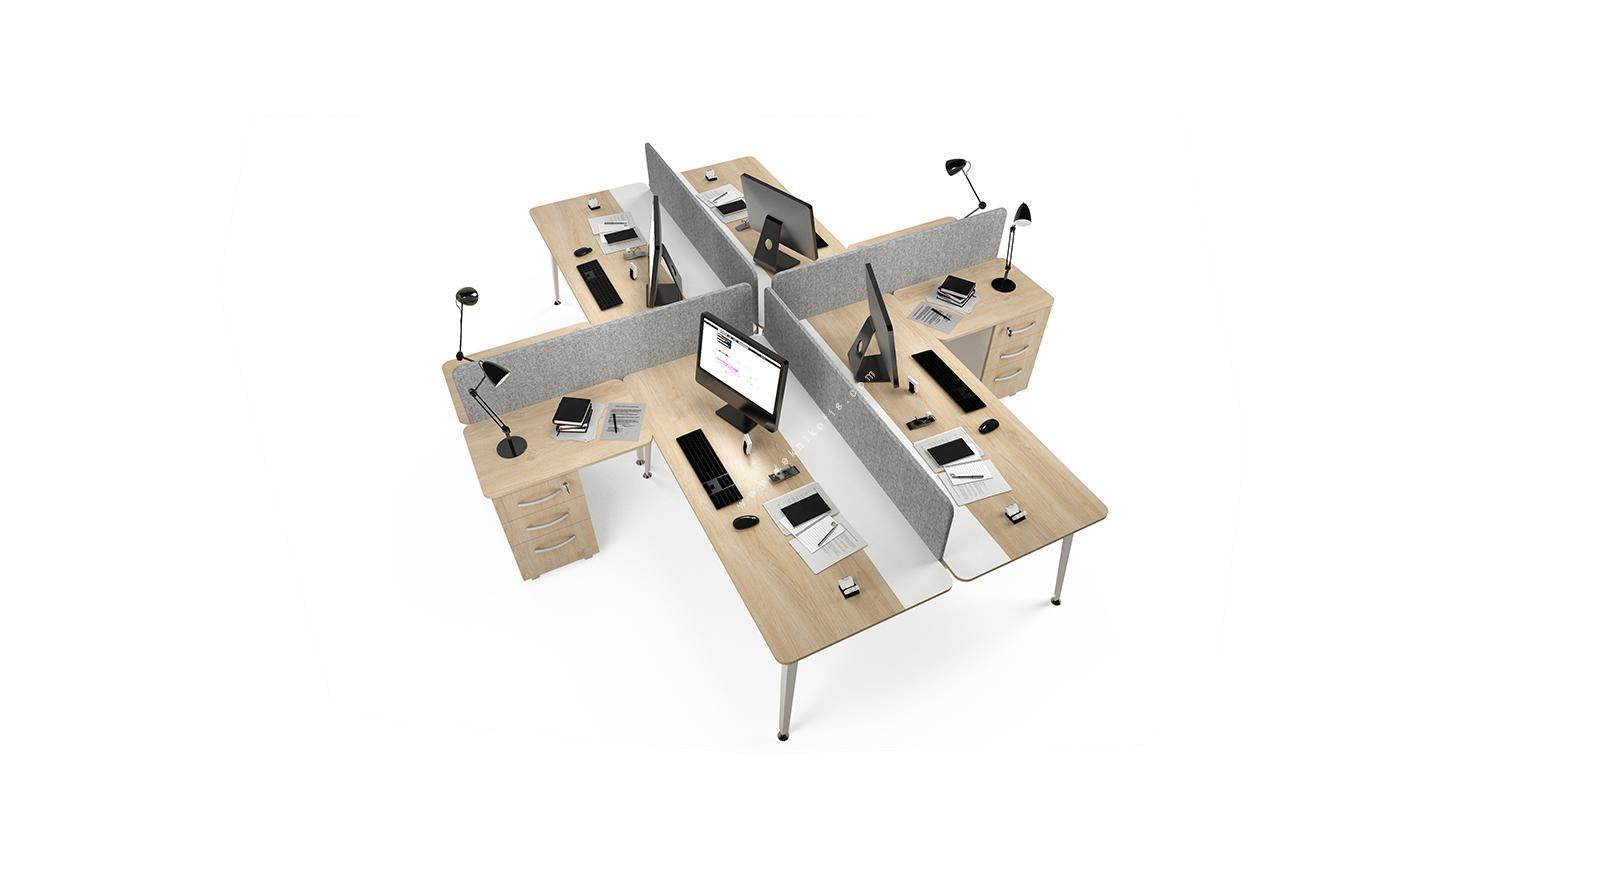 rediste kumaş seperatörlü etajerli dörtlü çalışma masası 282cm